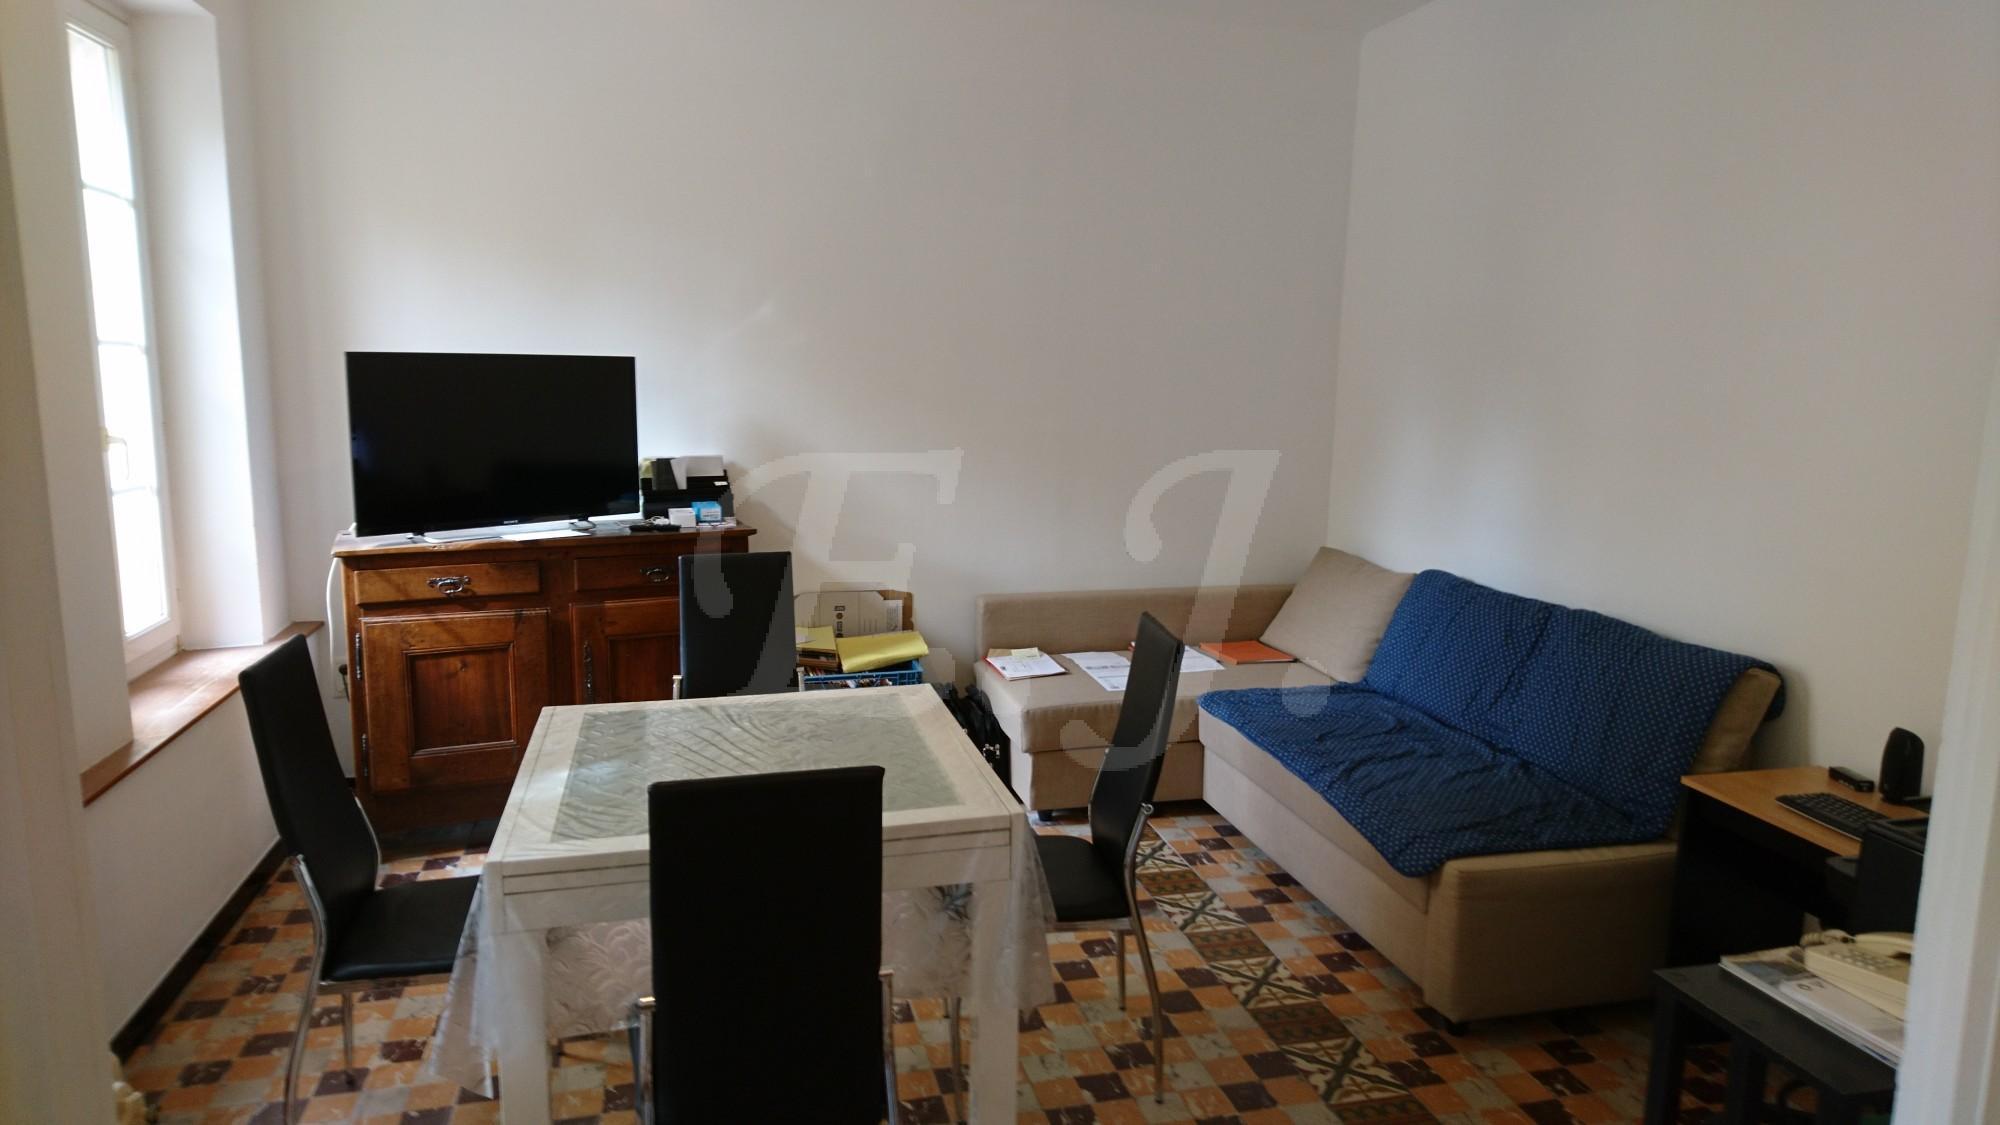 Vente Appartement  Oppede 4 pieces avec terrasse